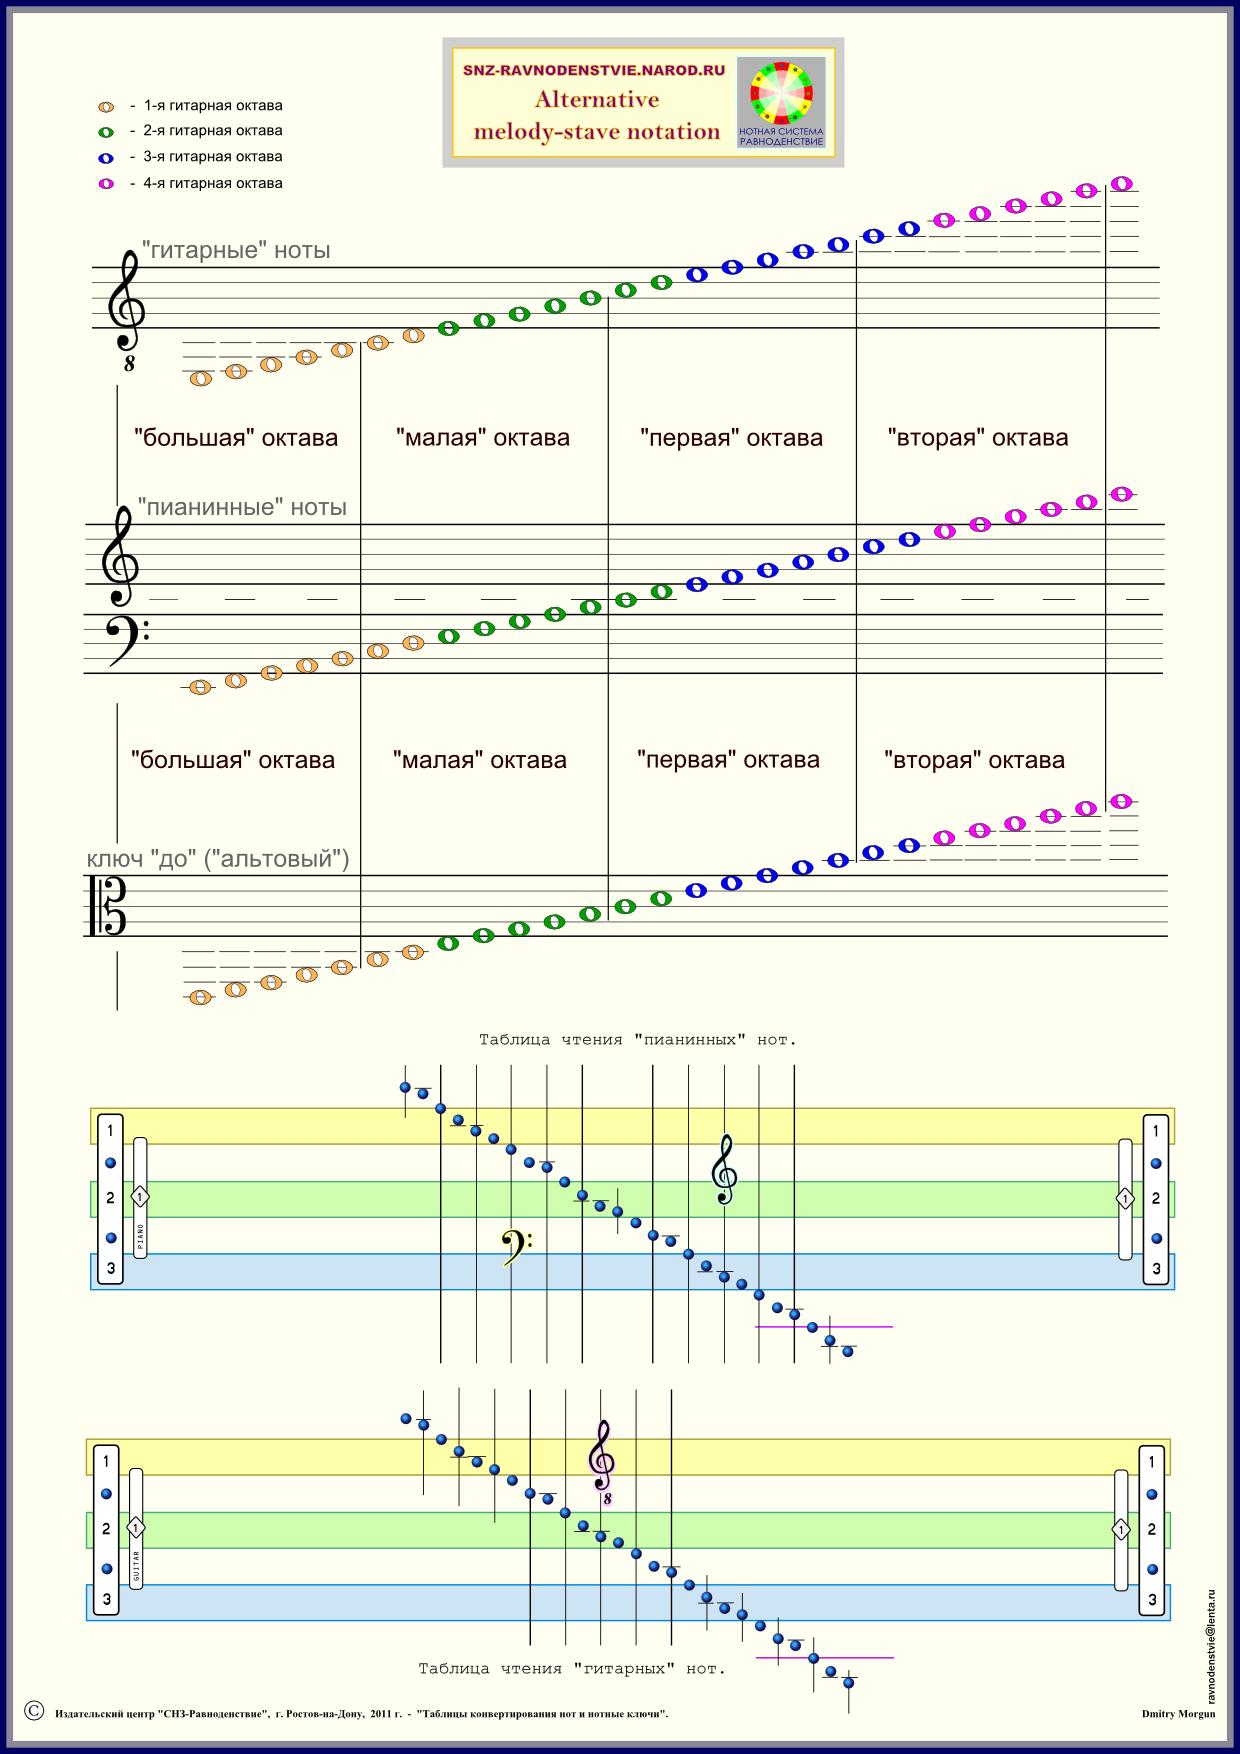 Нотныe ключи (скрипичный, гитарный, басовый, альтовый) и таблица